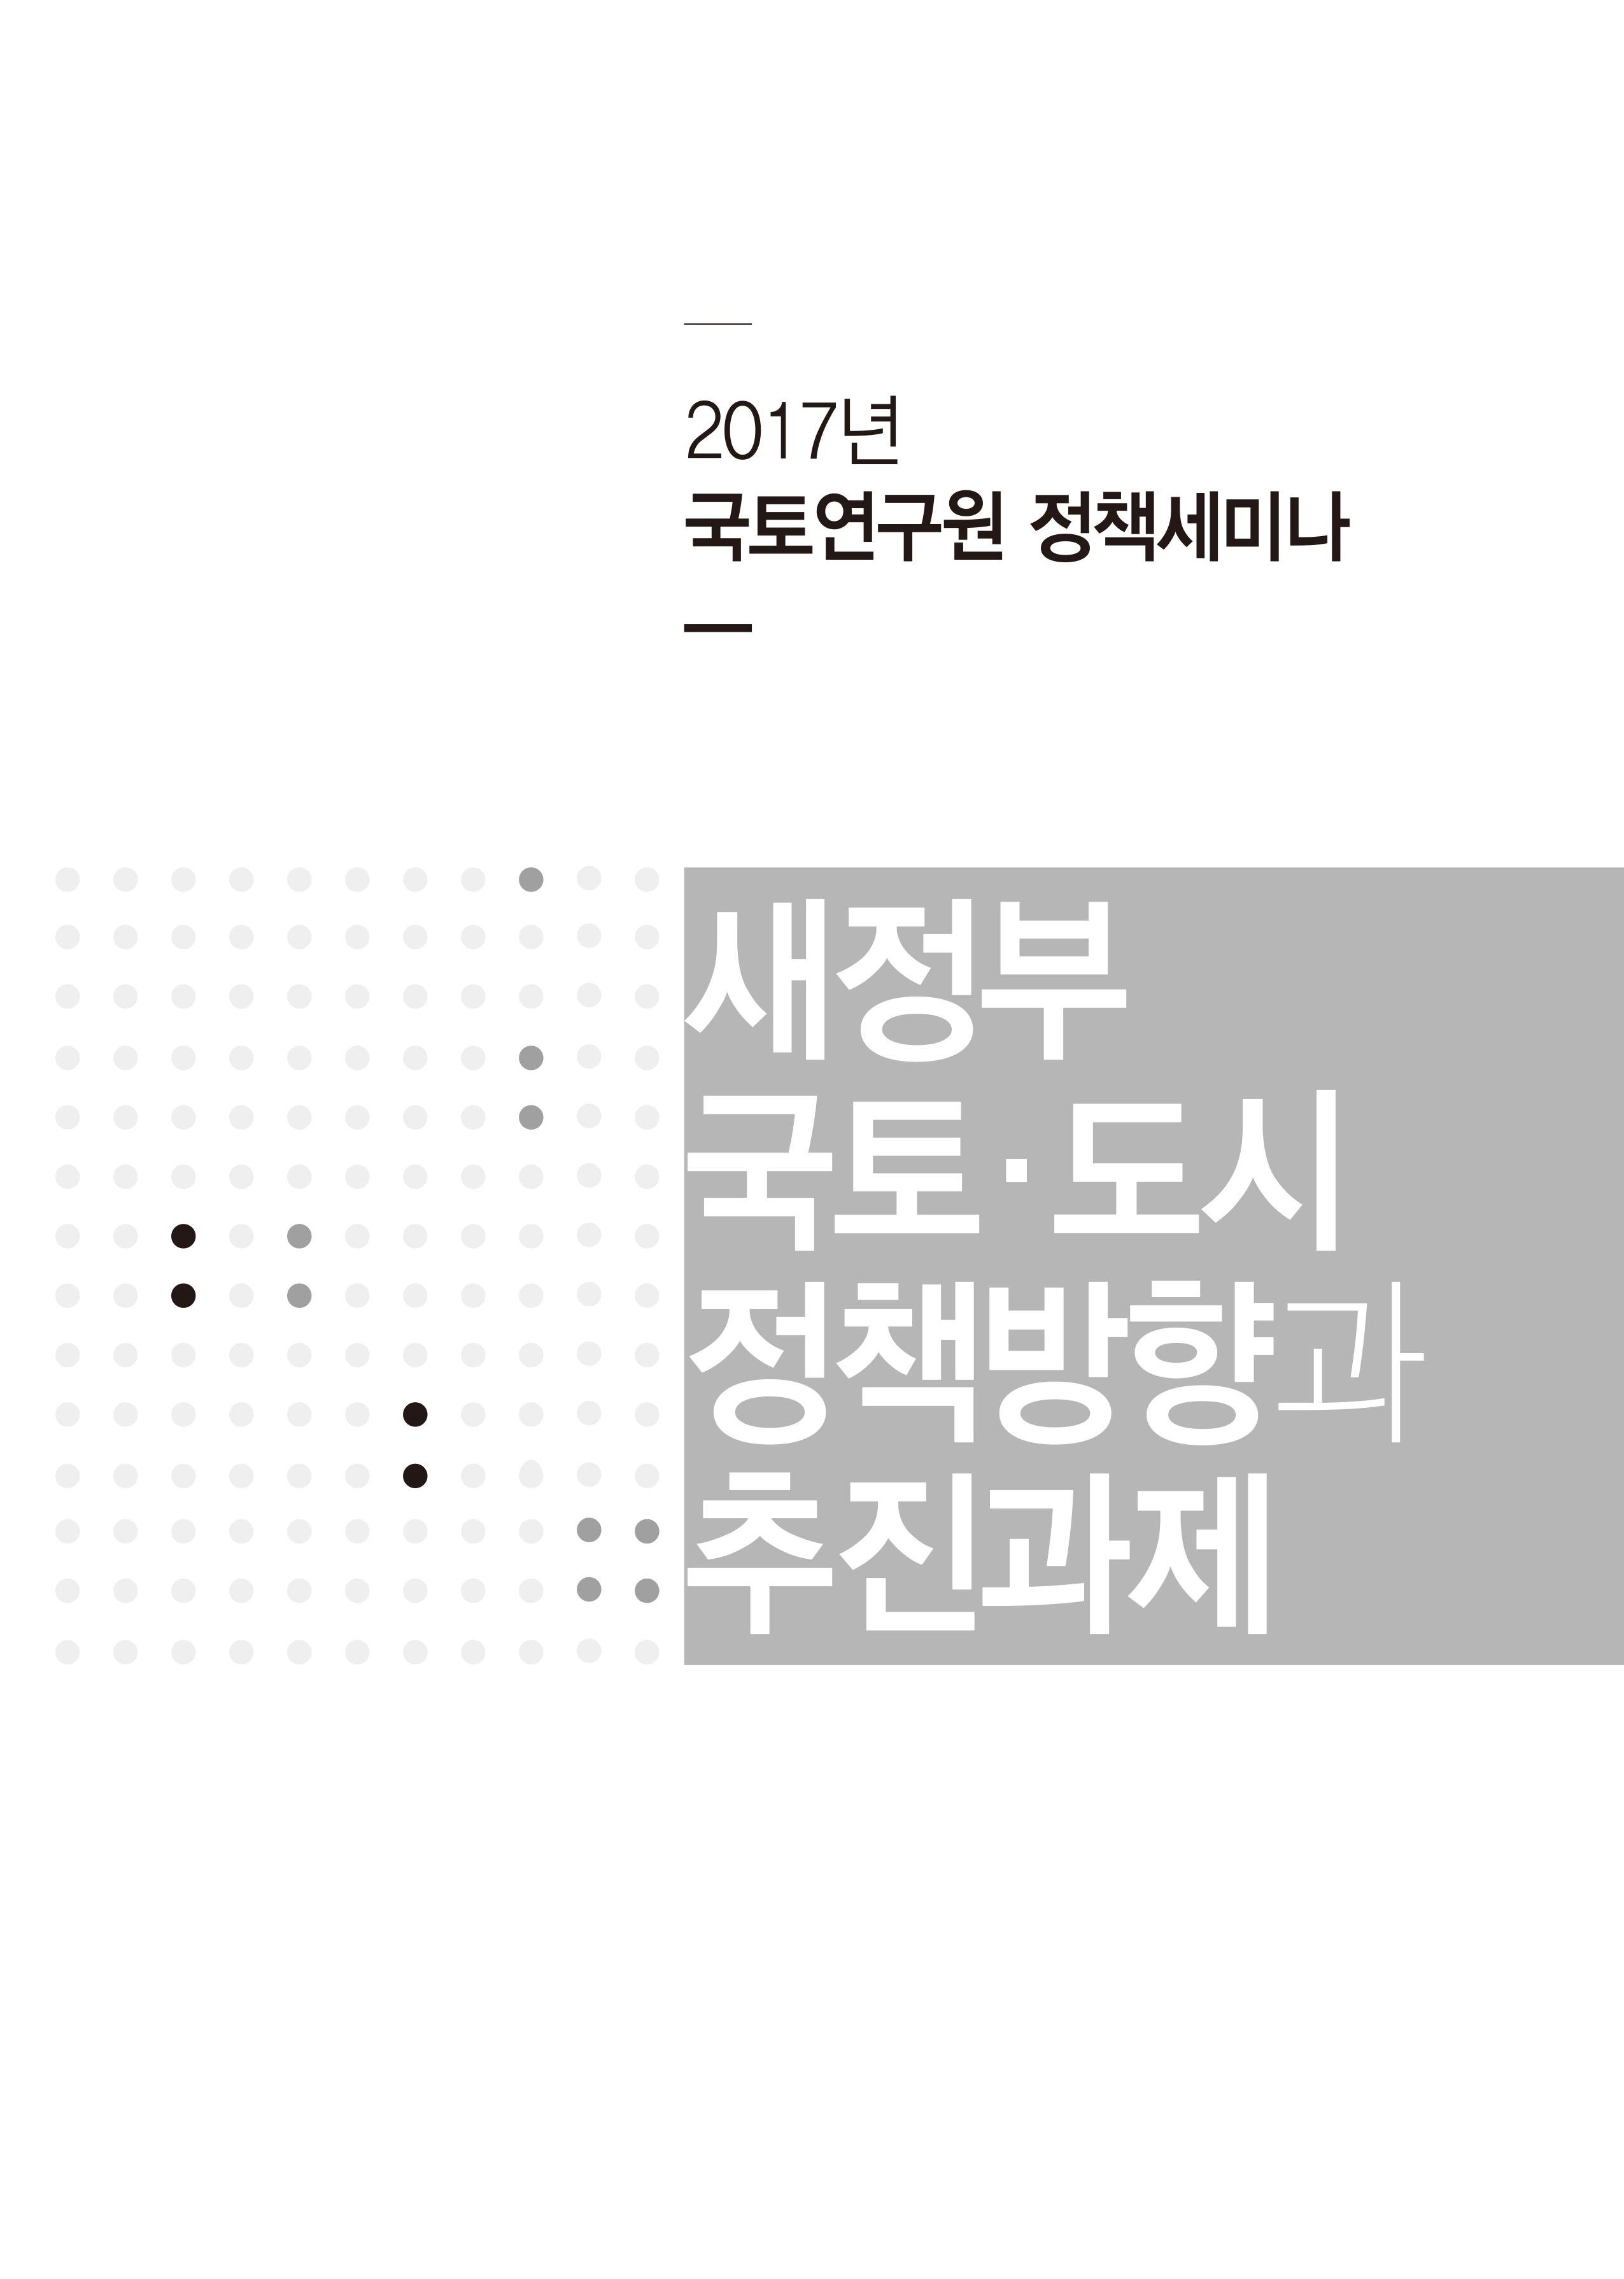 [2017년 국토연구원 정책세미나] 새정부 국토·도시 정책방향과 추진과제표지